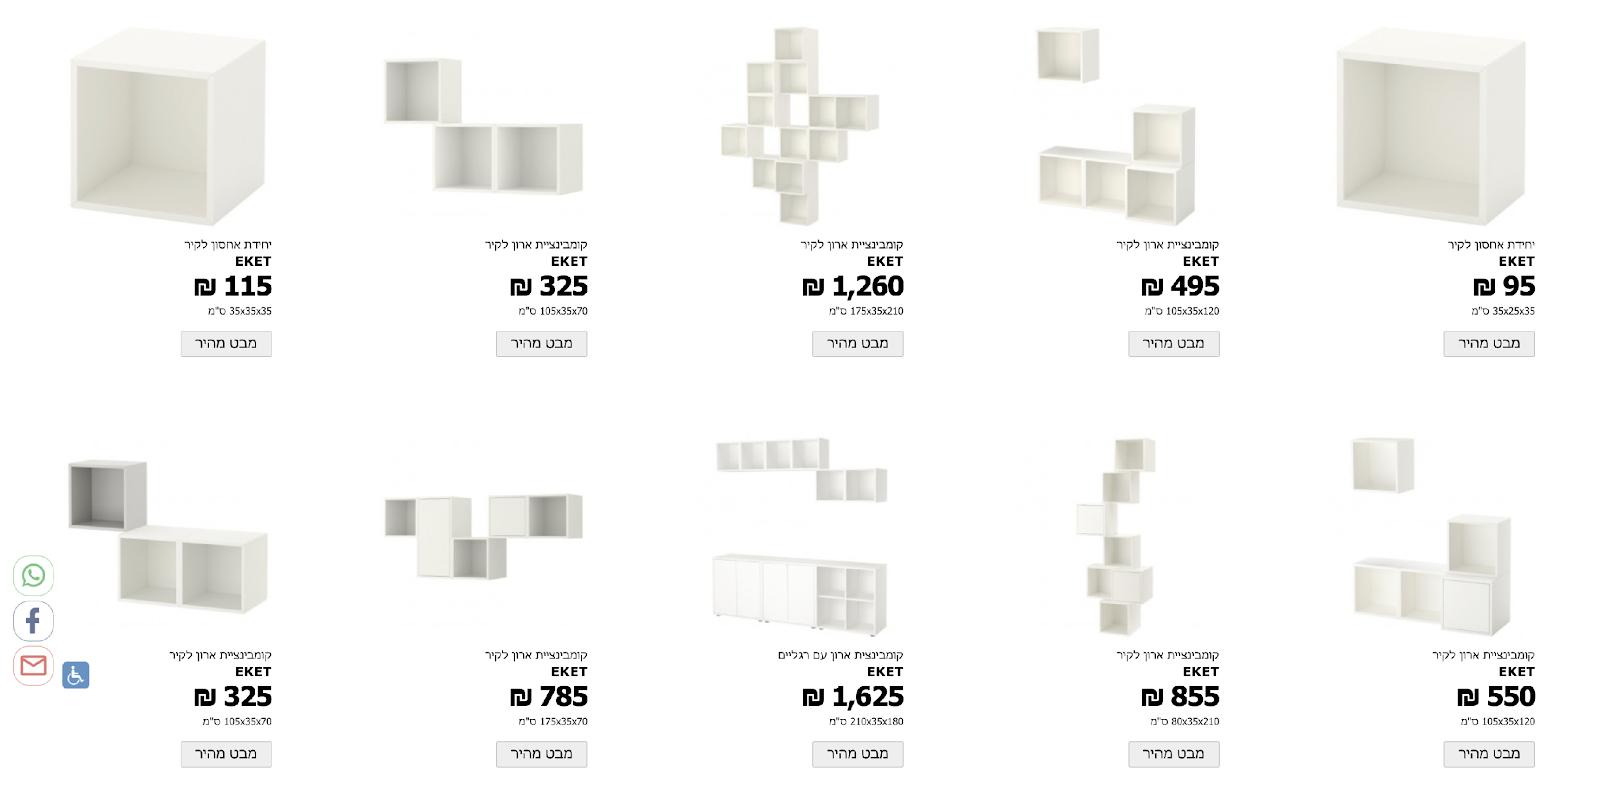 יחידת אחסון EKET באתר איקאה ישראל. למה כל כך הרבה וריאציות אקראיות במחירים שונים?